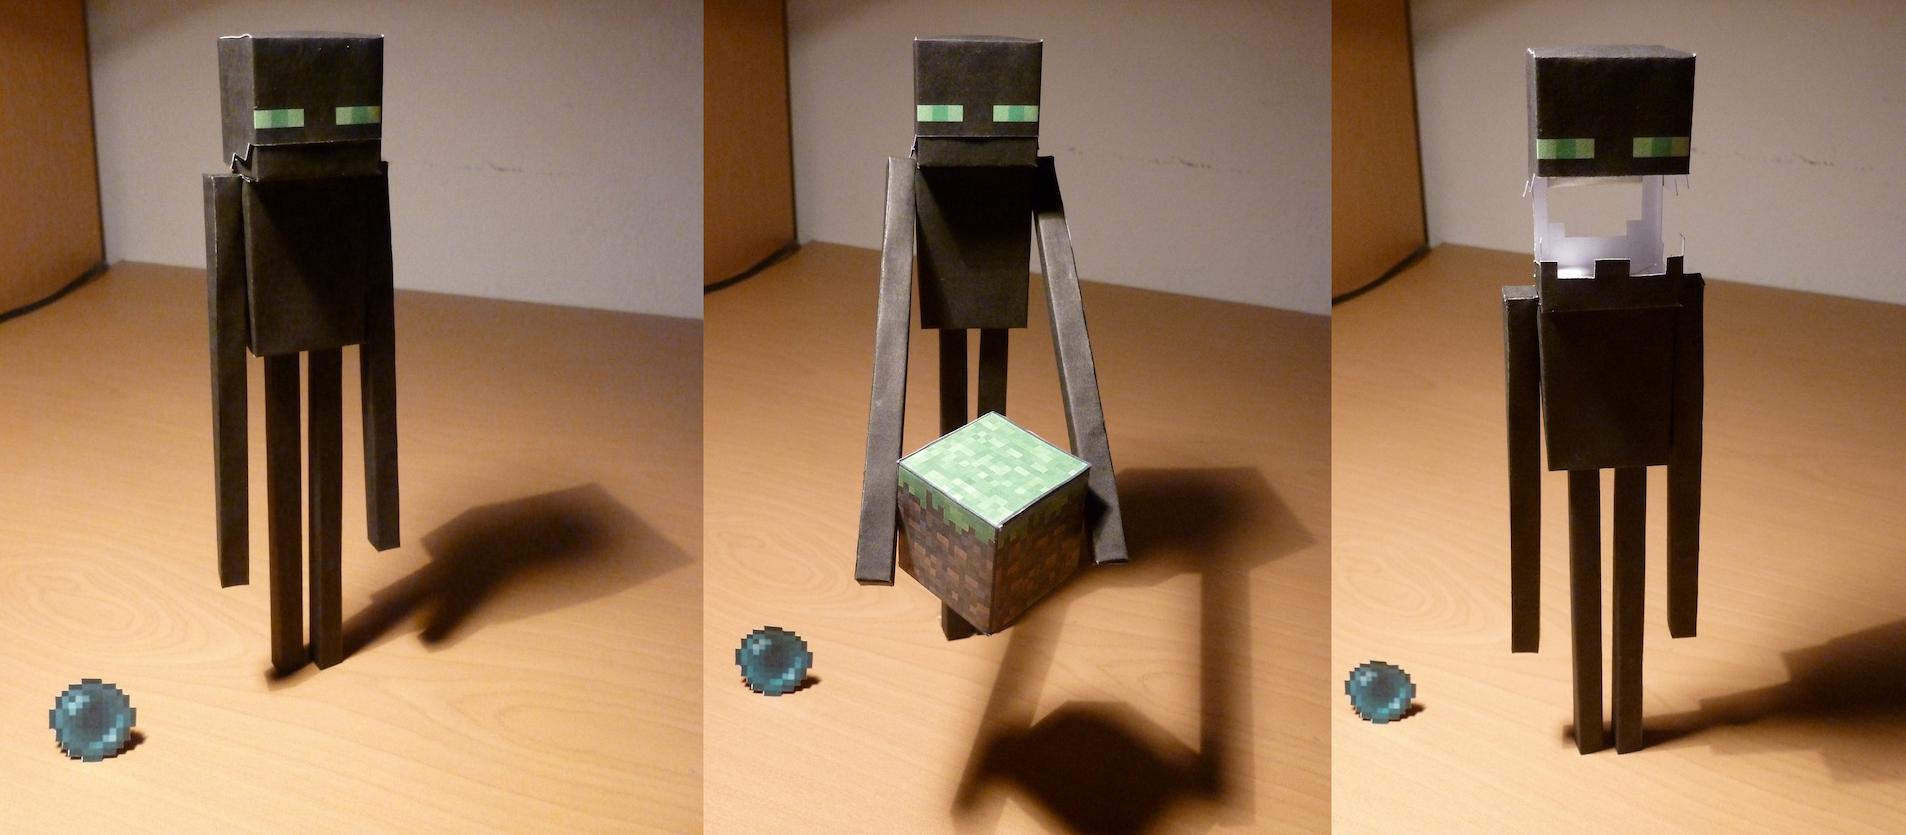 Как сделать из бумаги эндермена из бумаги схема